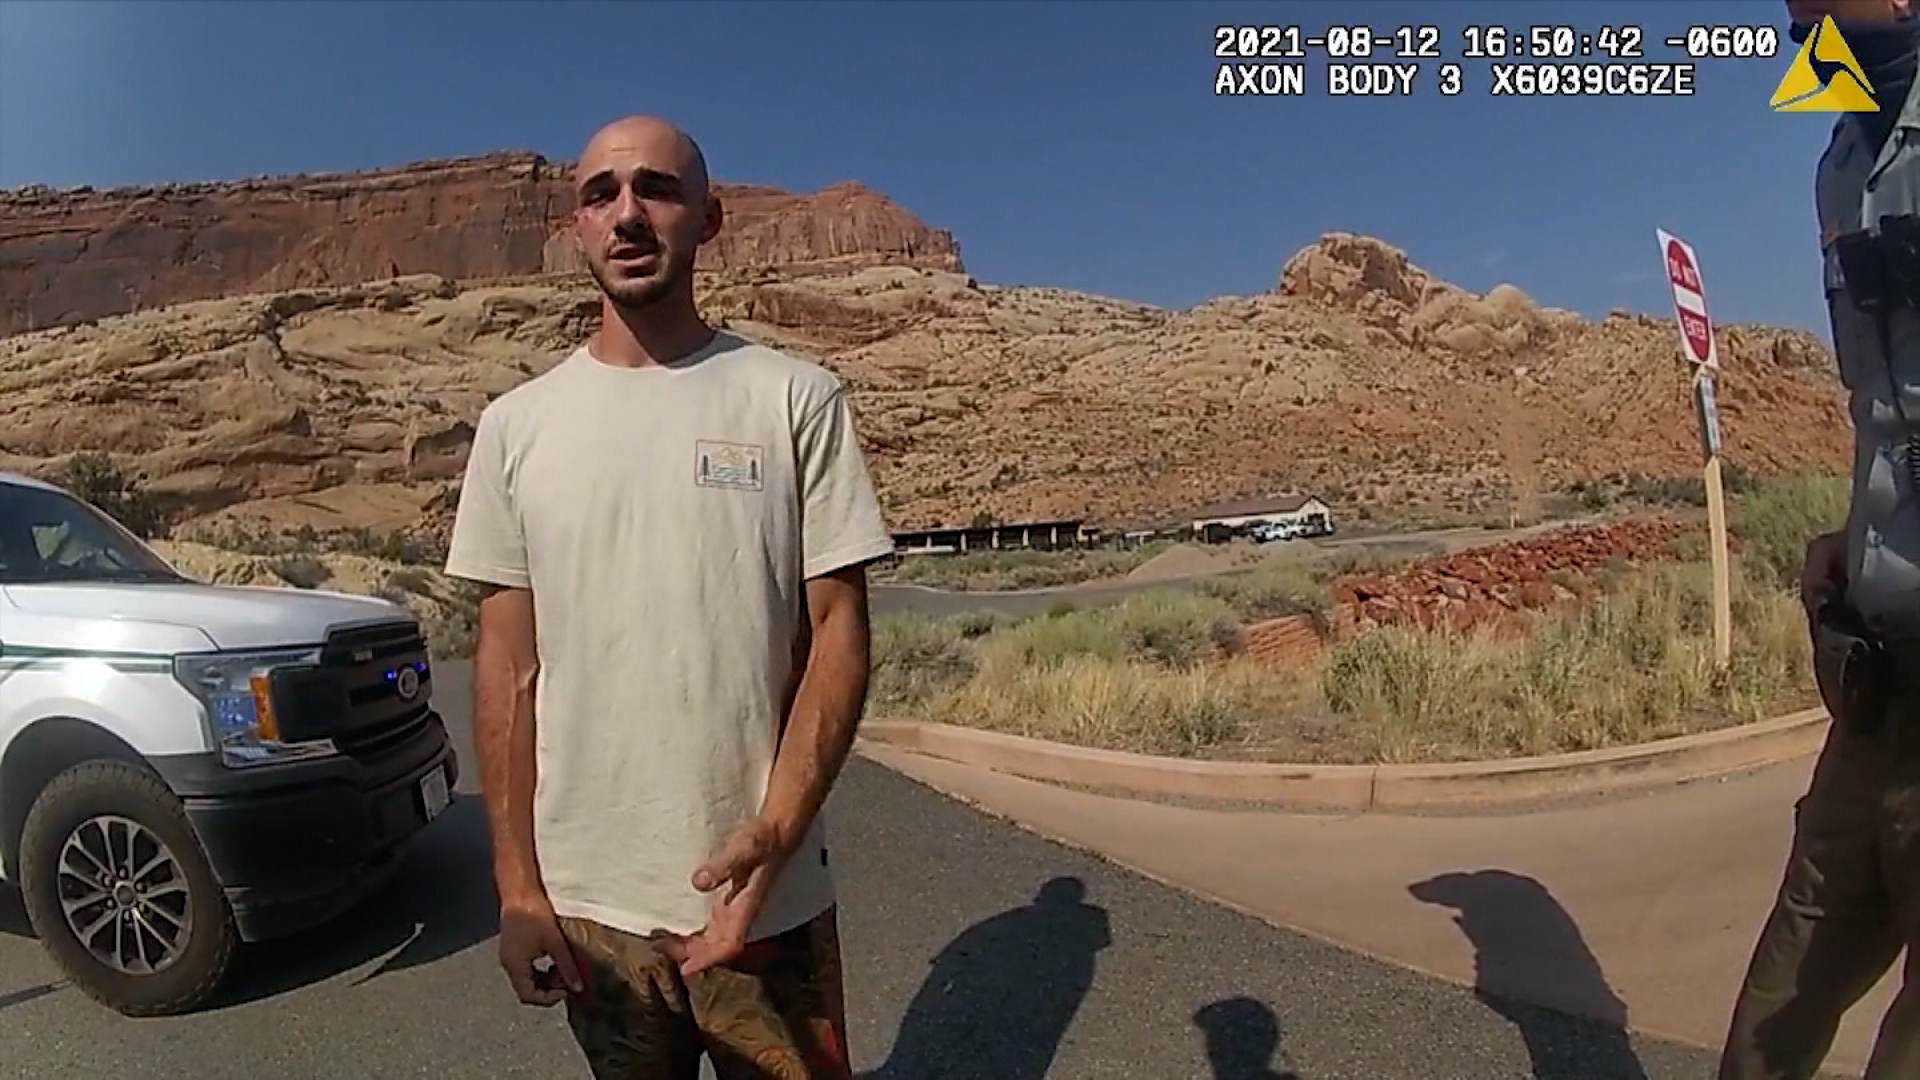 Gaby e Brian (foto) foram abordados pela polícia de Moab, em Utah, após episódio considerado uma 'disputa doméstica' entre casal